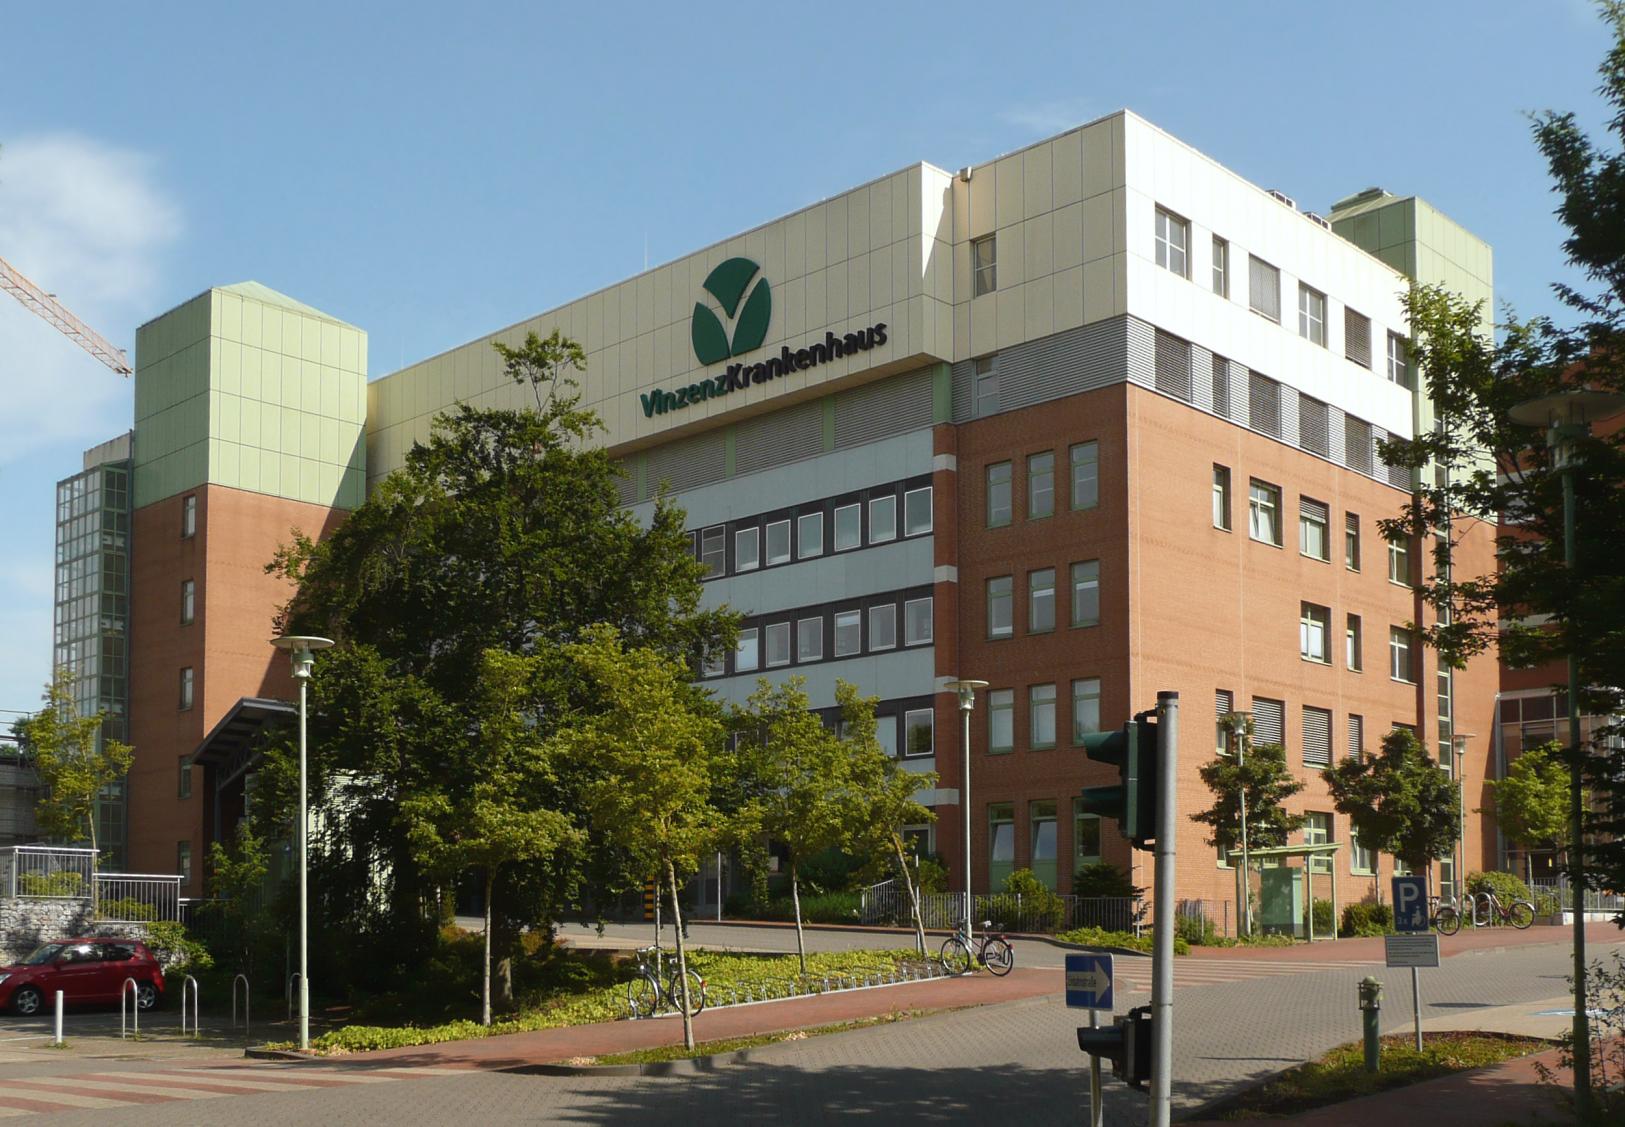 Vinzenz Krankenhaus Karlsruhe